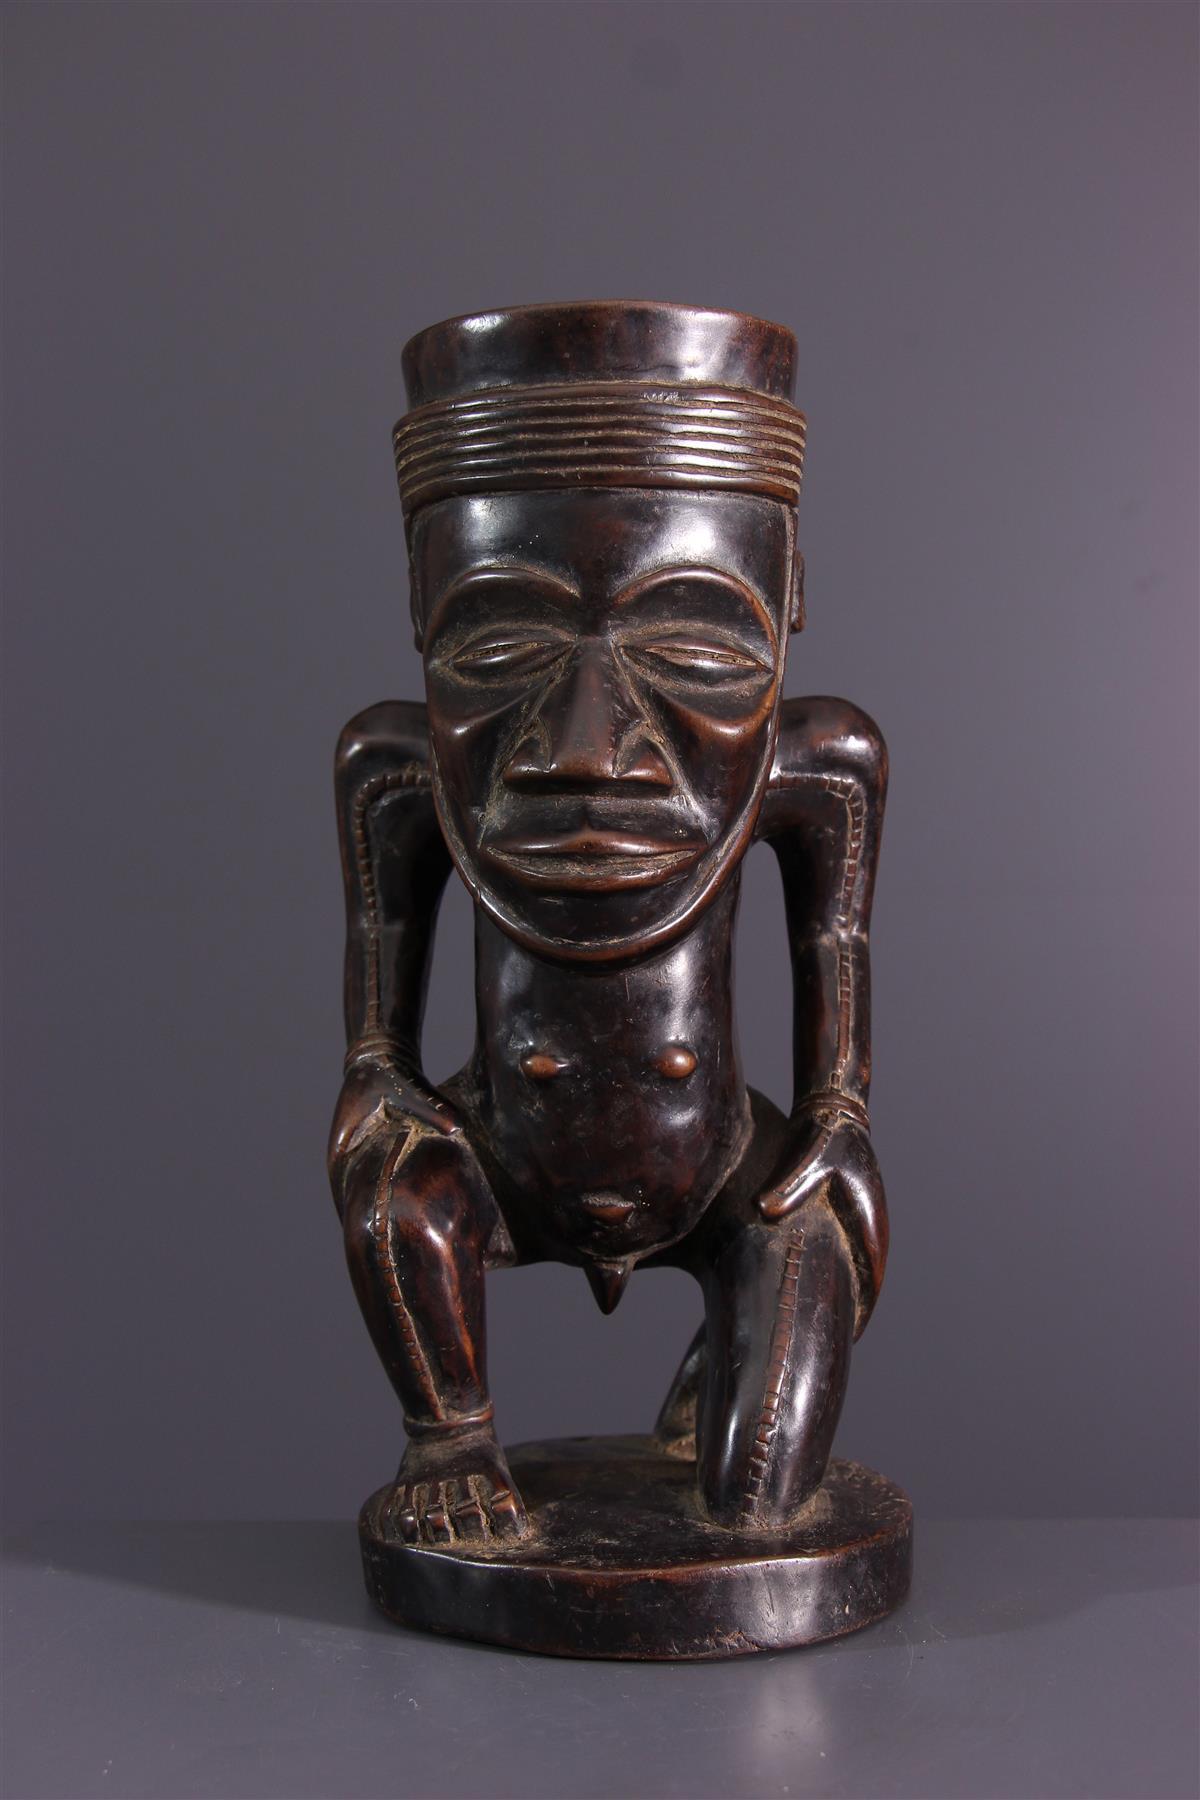 Ngeende Beker - Afrikaanse kunst